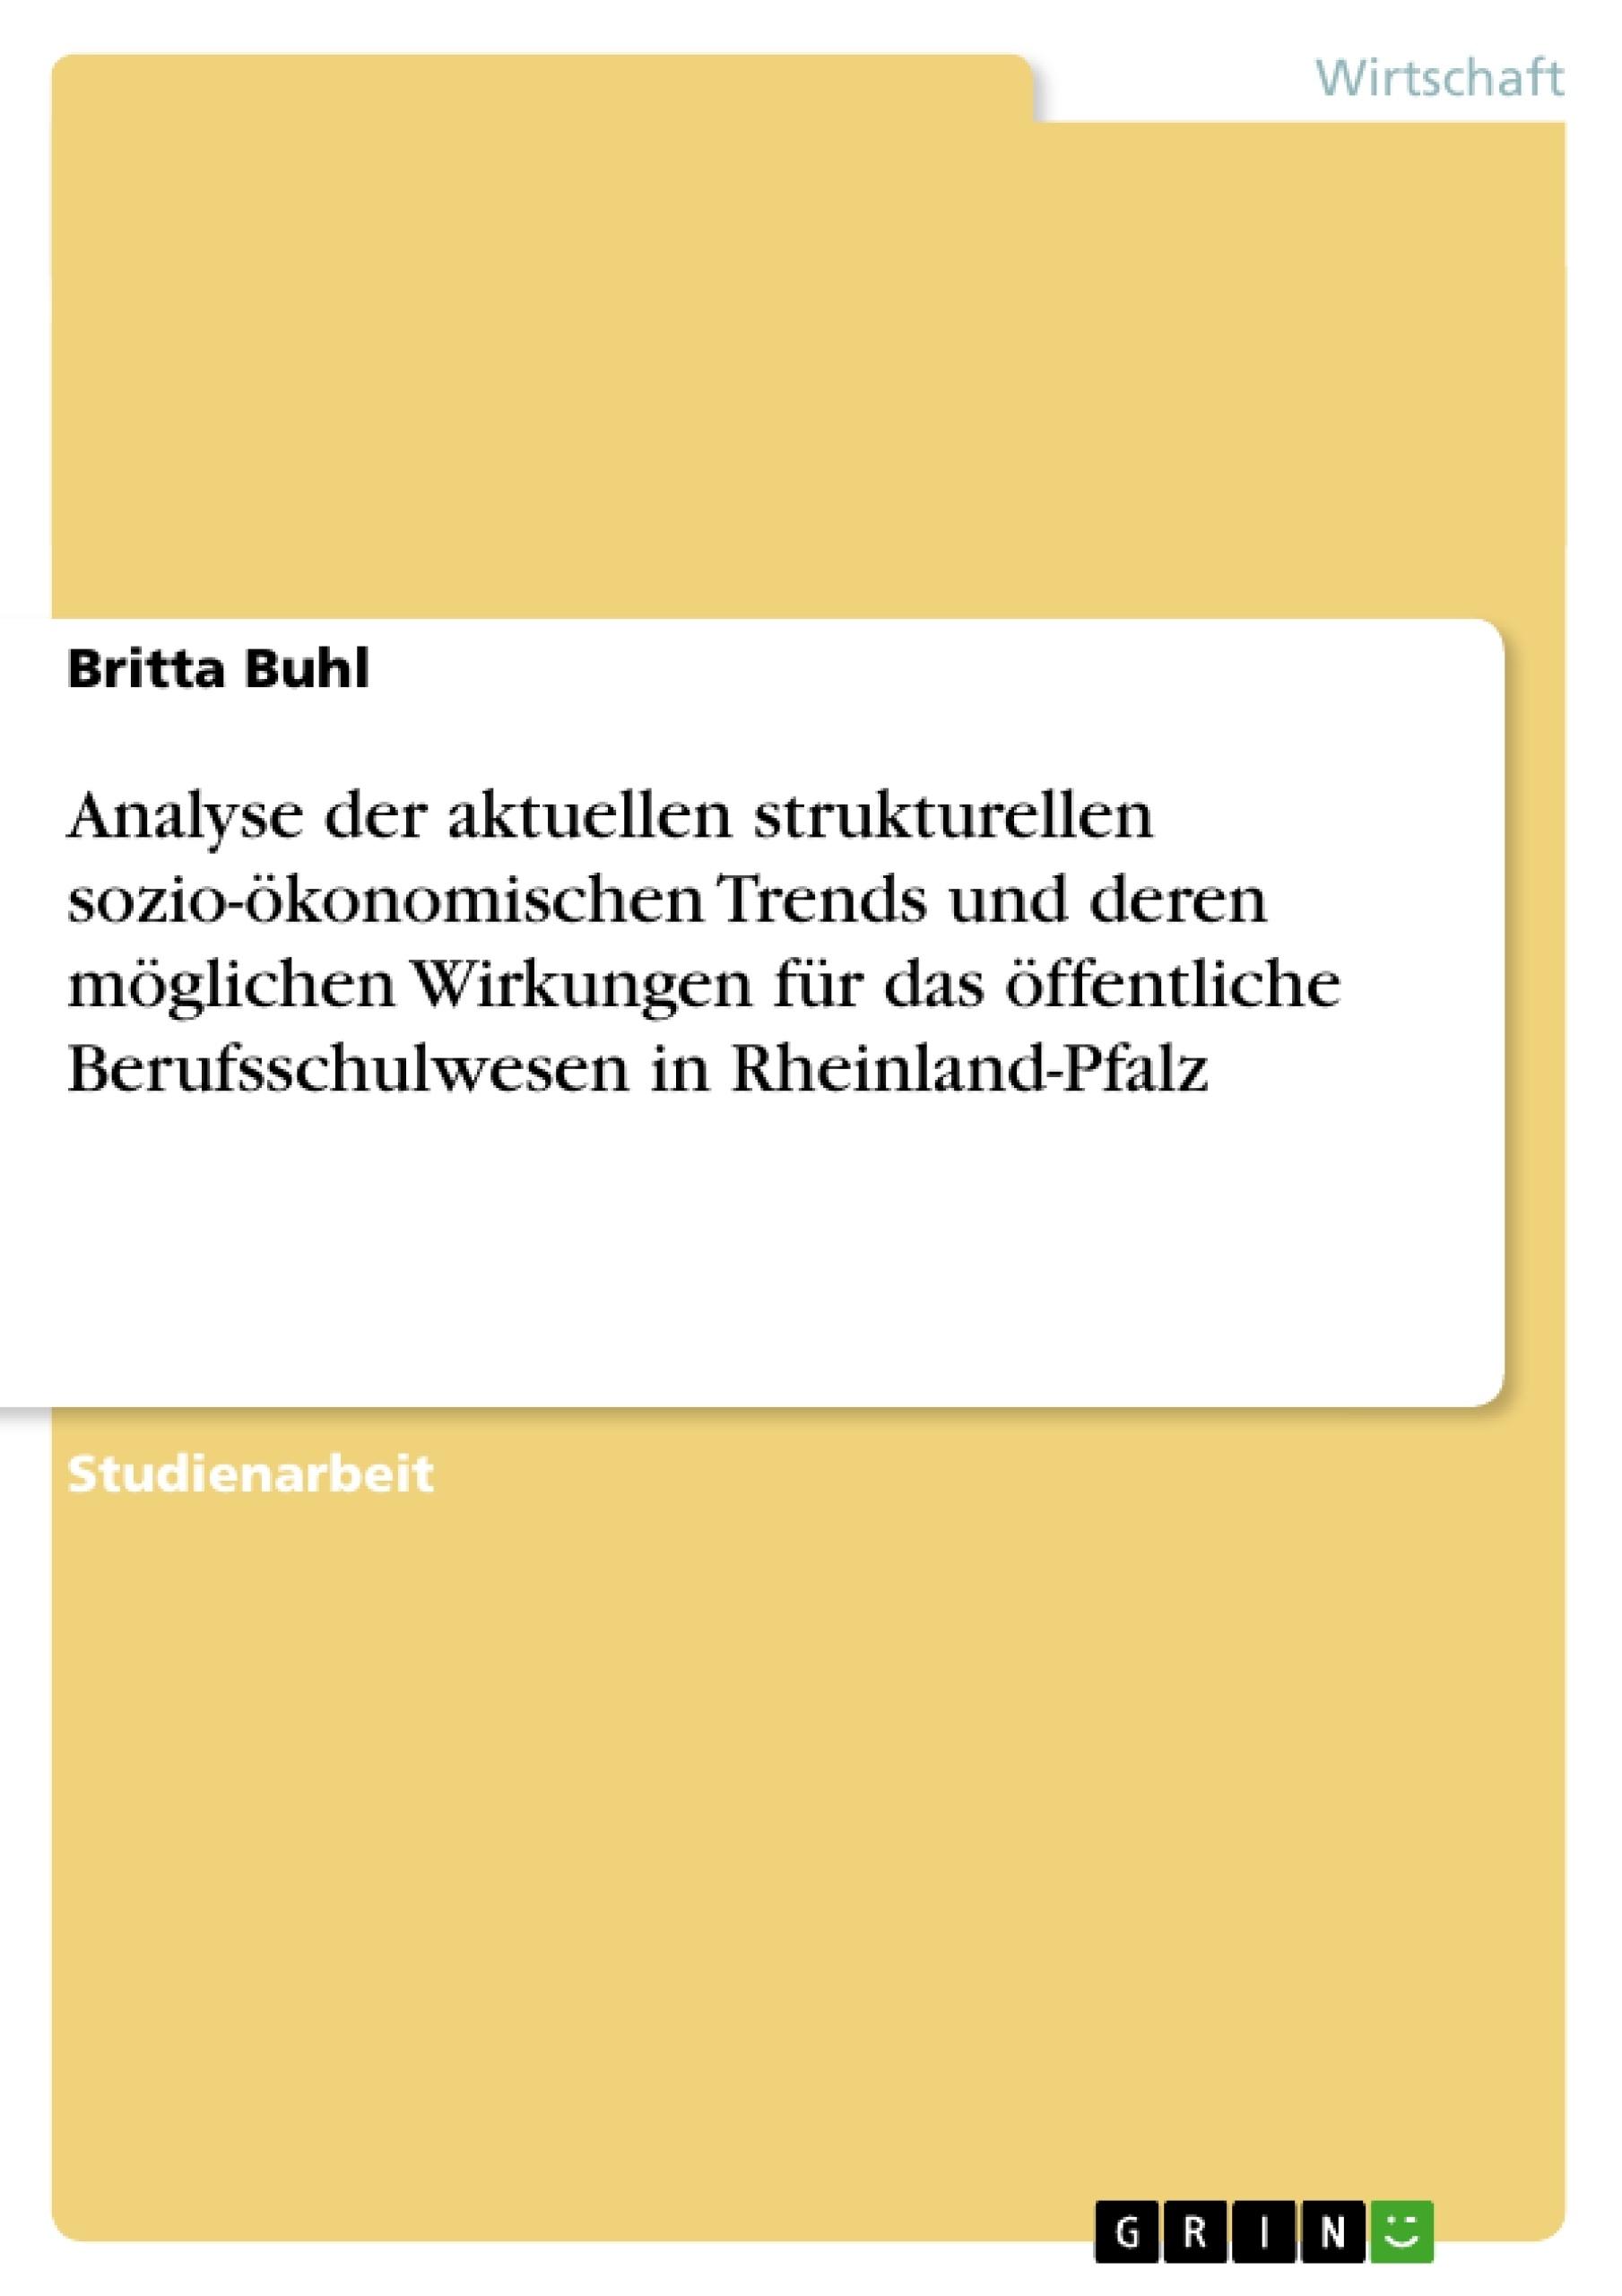 Titel: Analyse der aktuellen strukturellen sozio-ökonomischen Trends und deren möglichen Wirkungen für das öffentliche Berufsschulwesen in Rheinland-Pfalz